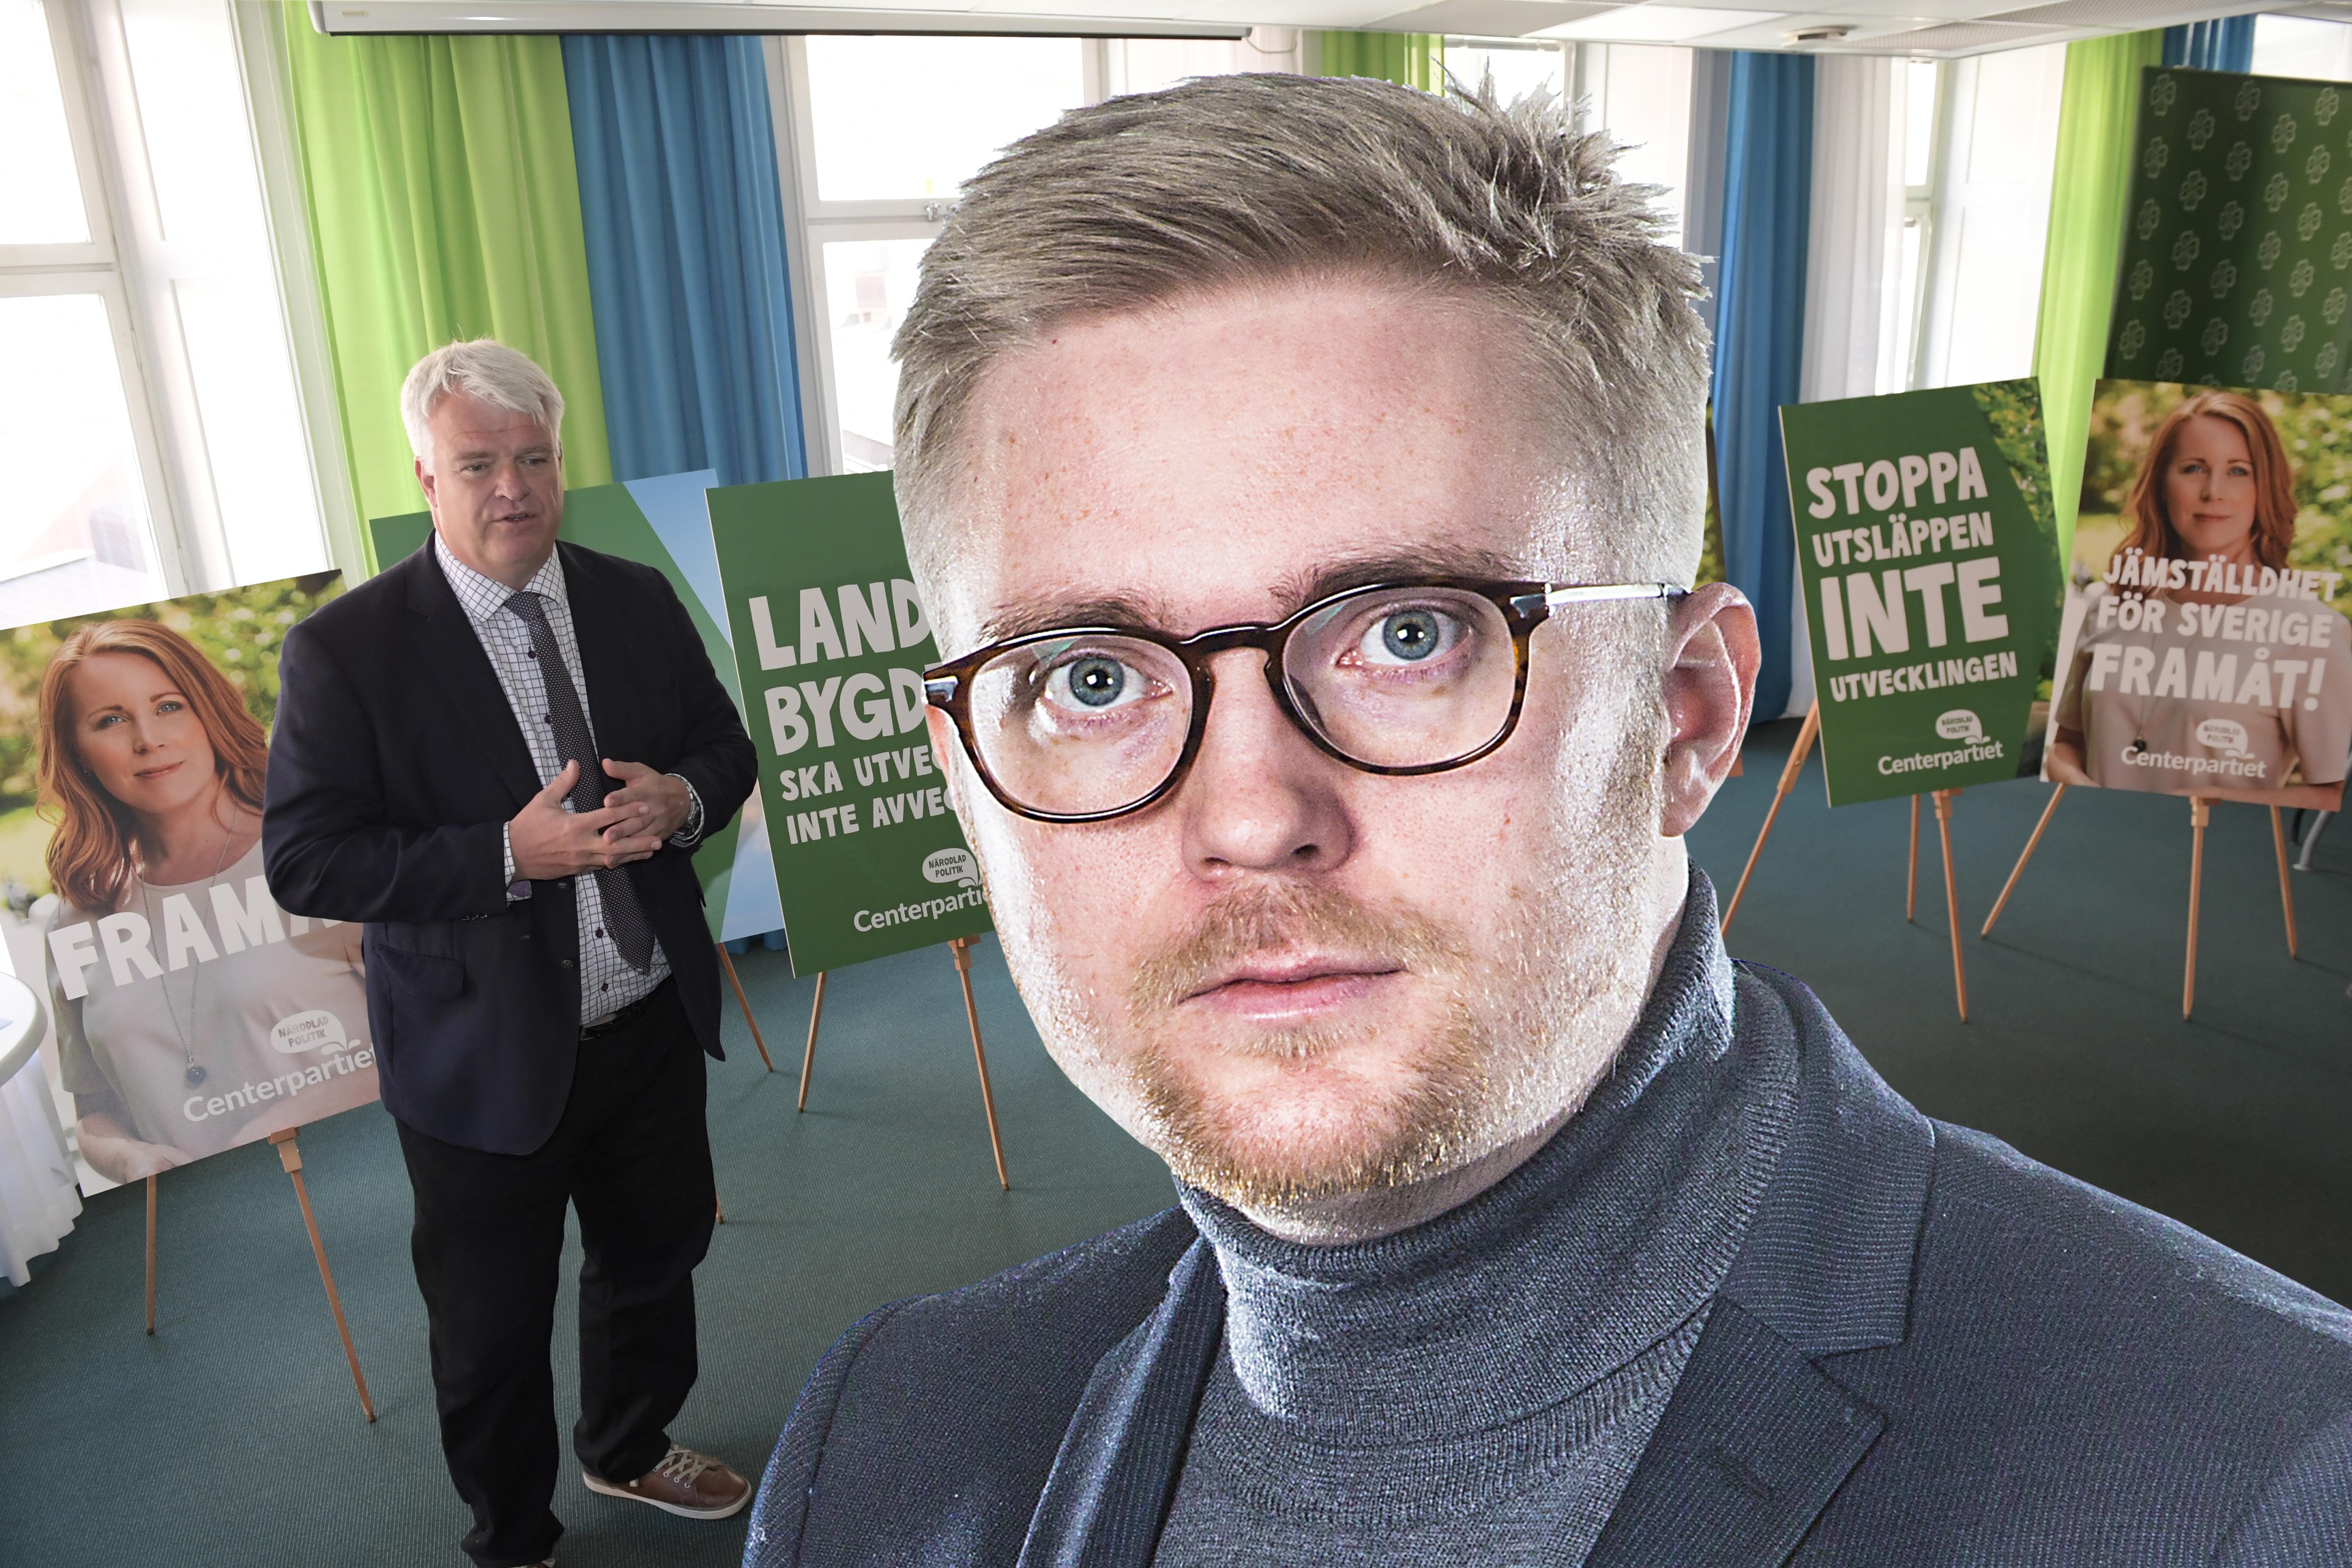 Centerpartiet i estland splittras